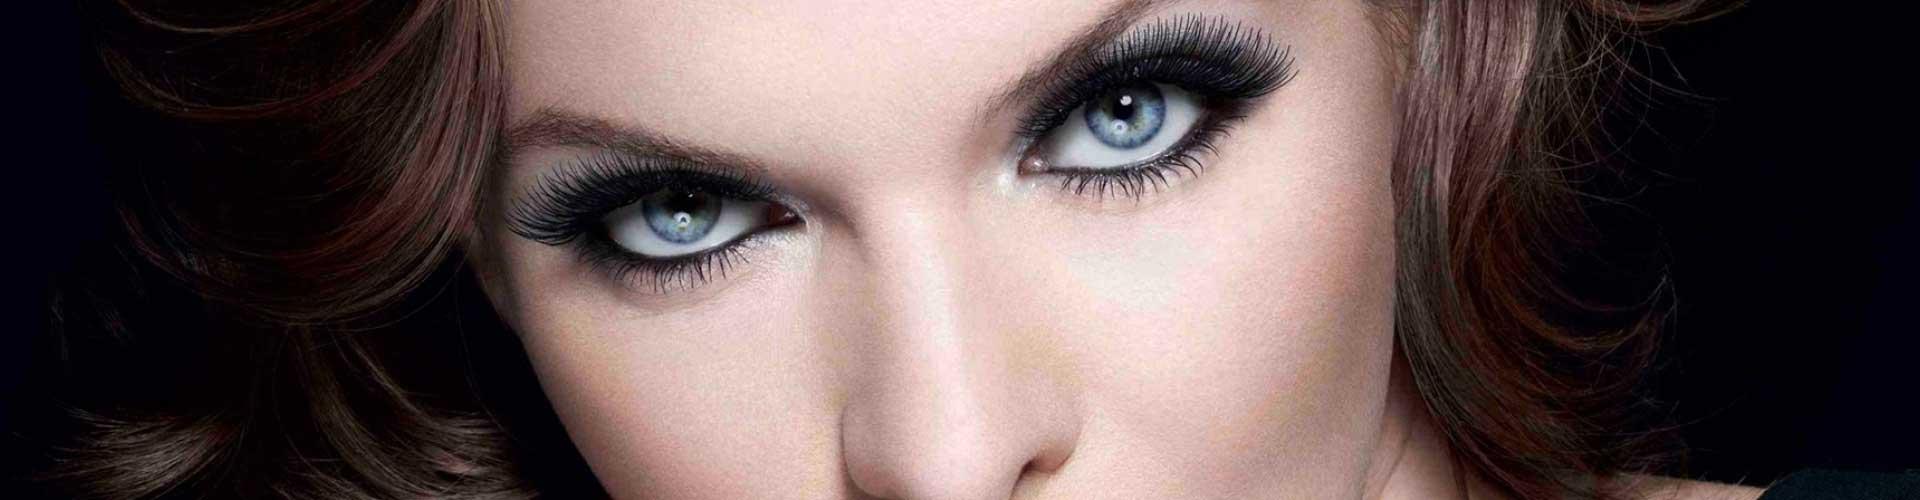 BeautyMedica Zabiegi - MEDYCYNA ESTETYCZNA TORUŃ